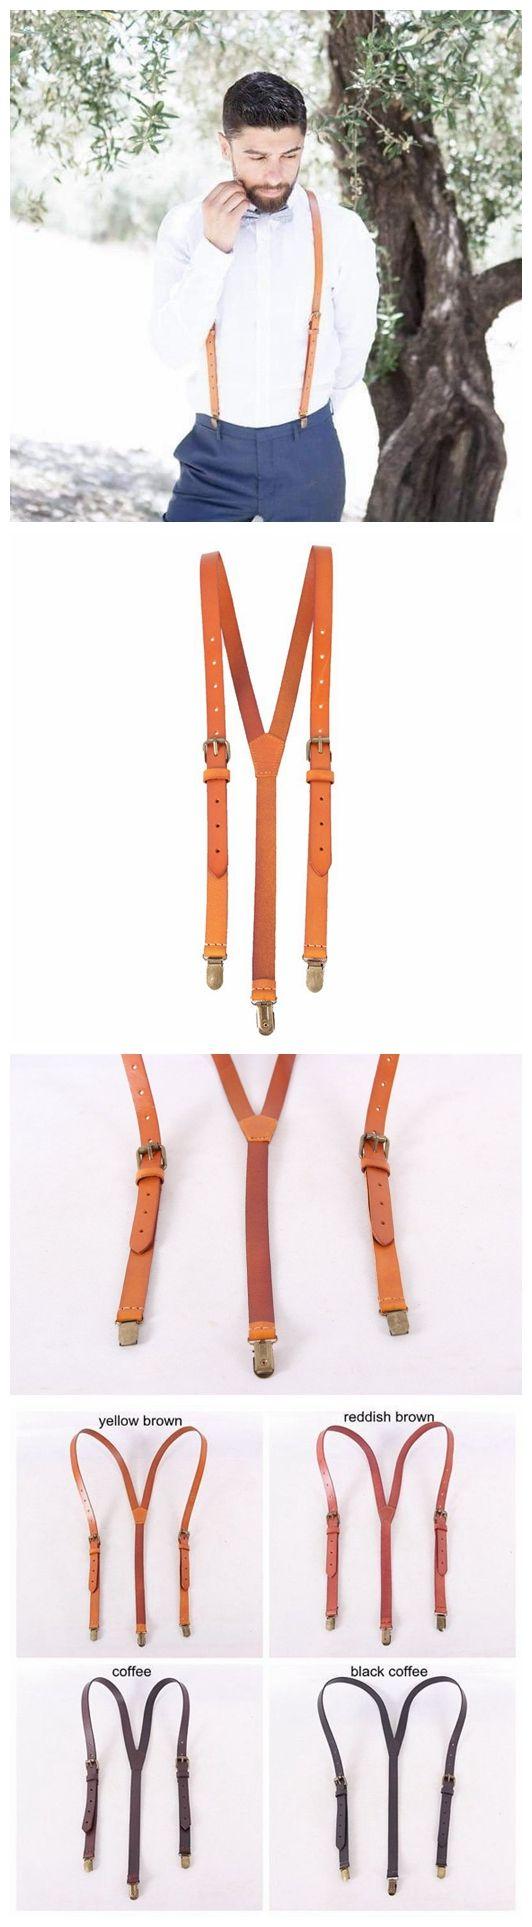 Genuine Leather Suspenders / Groomsman Wedding Suspenders in Yellow Brown 0191